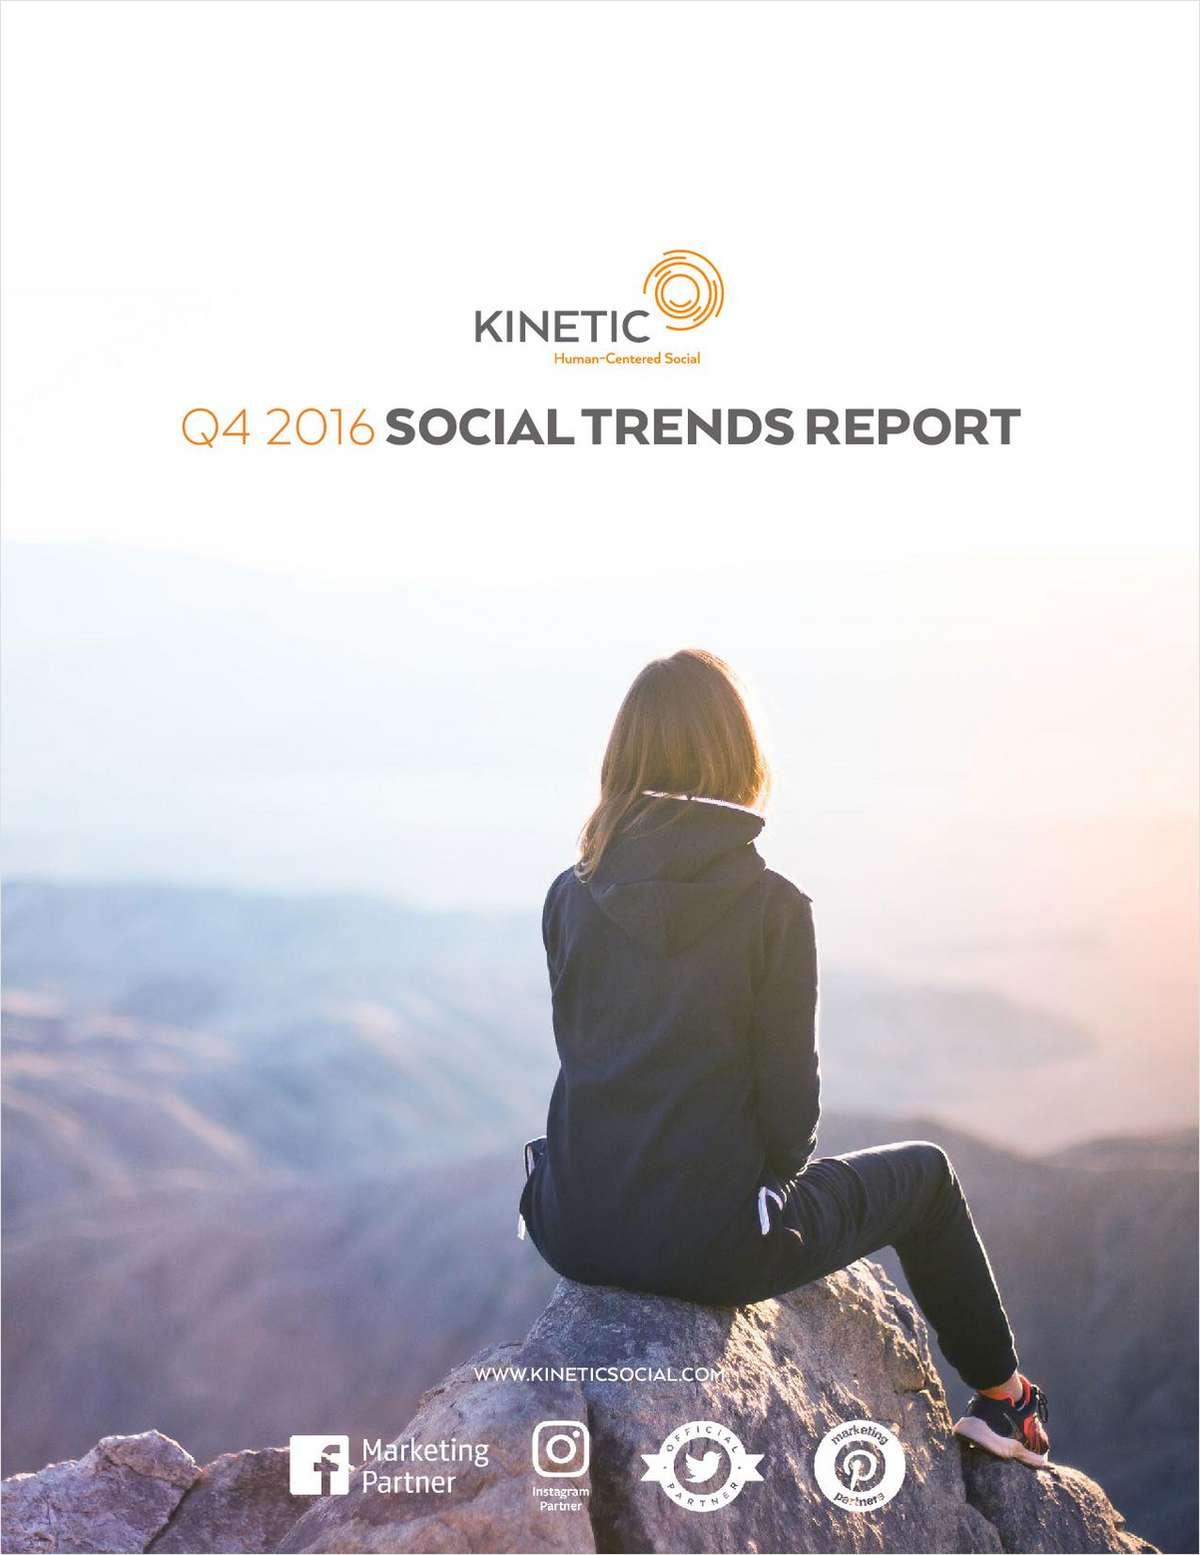 Q4 2016 Social Trends Report